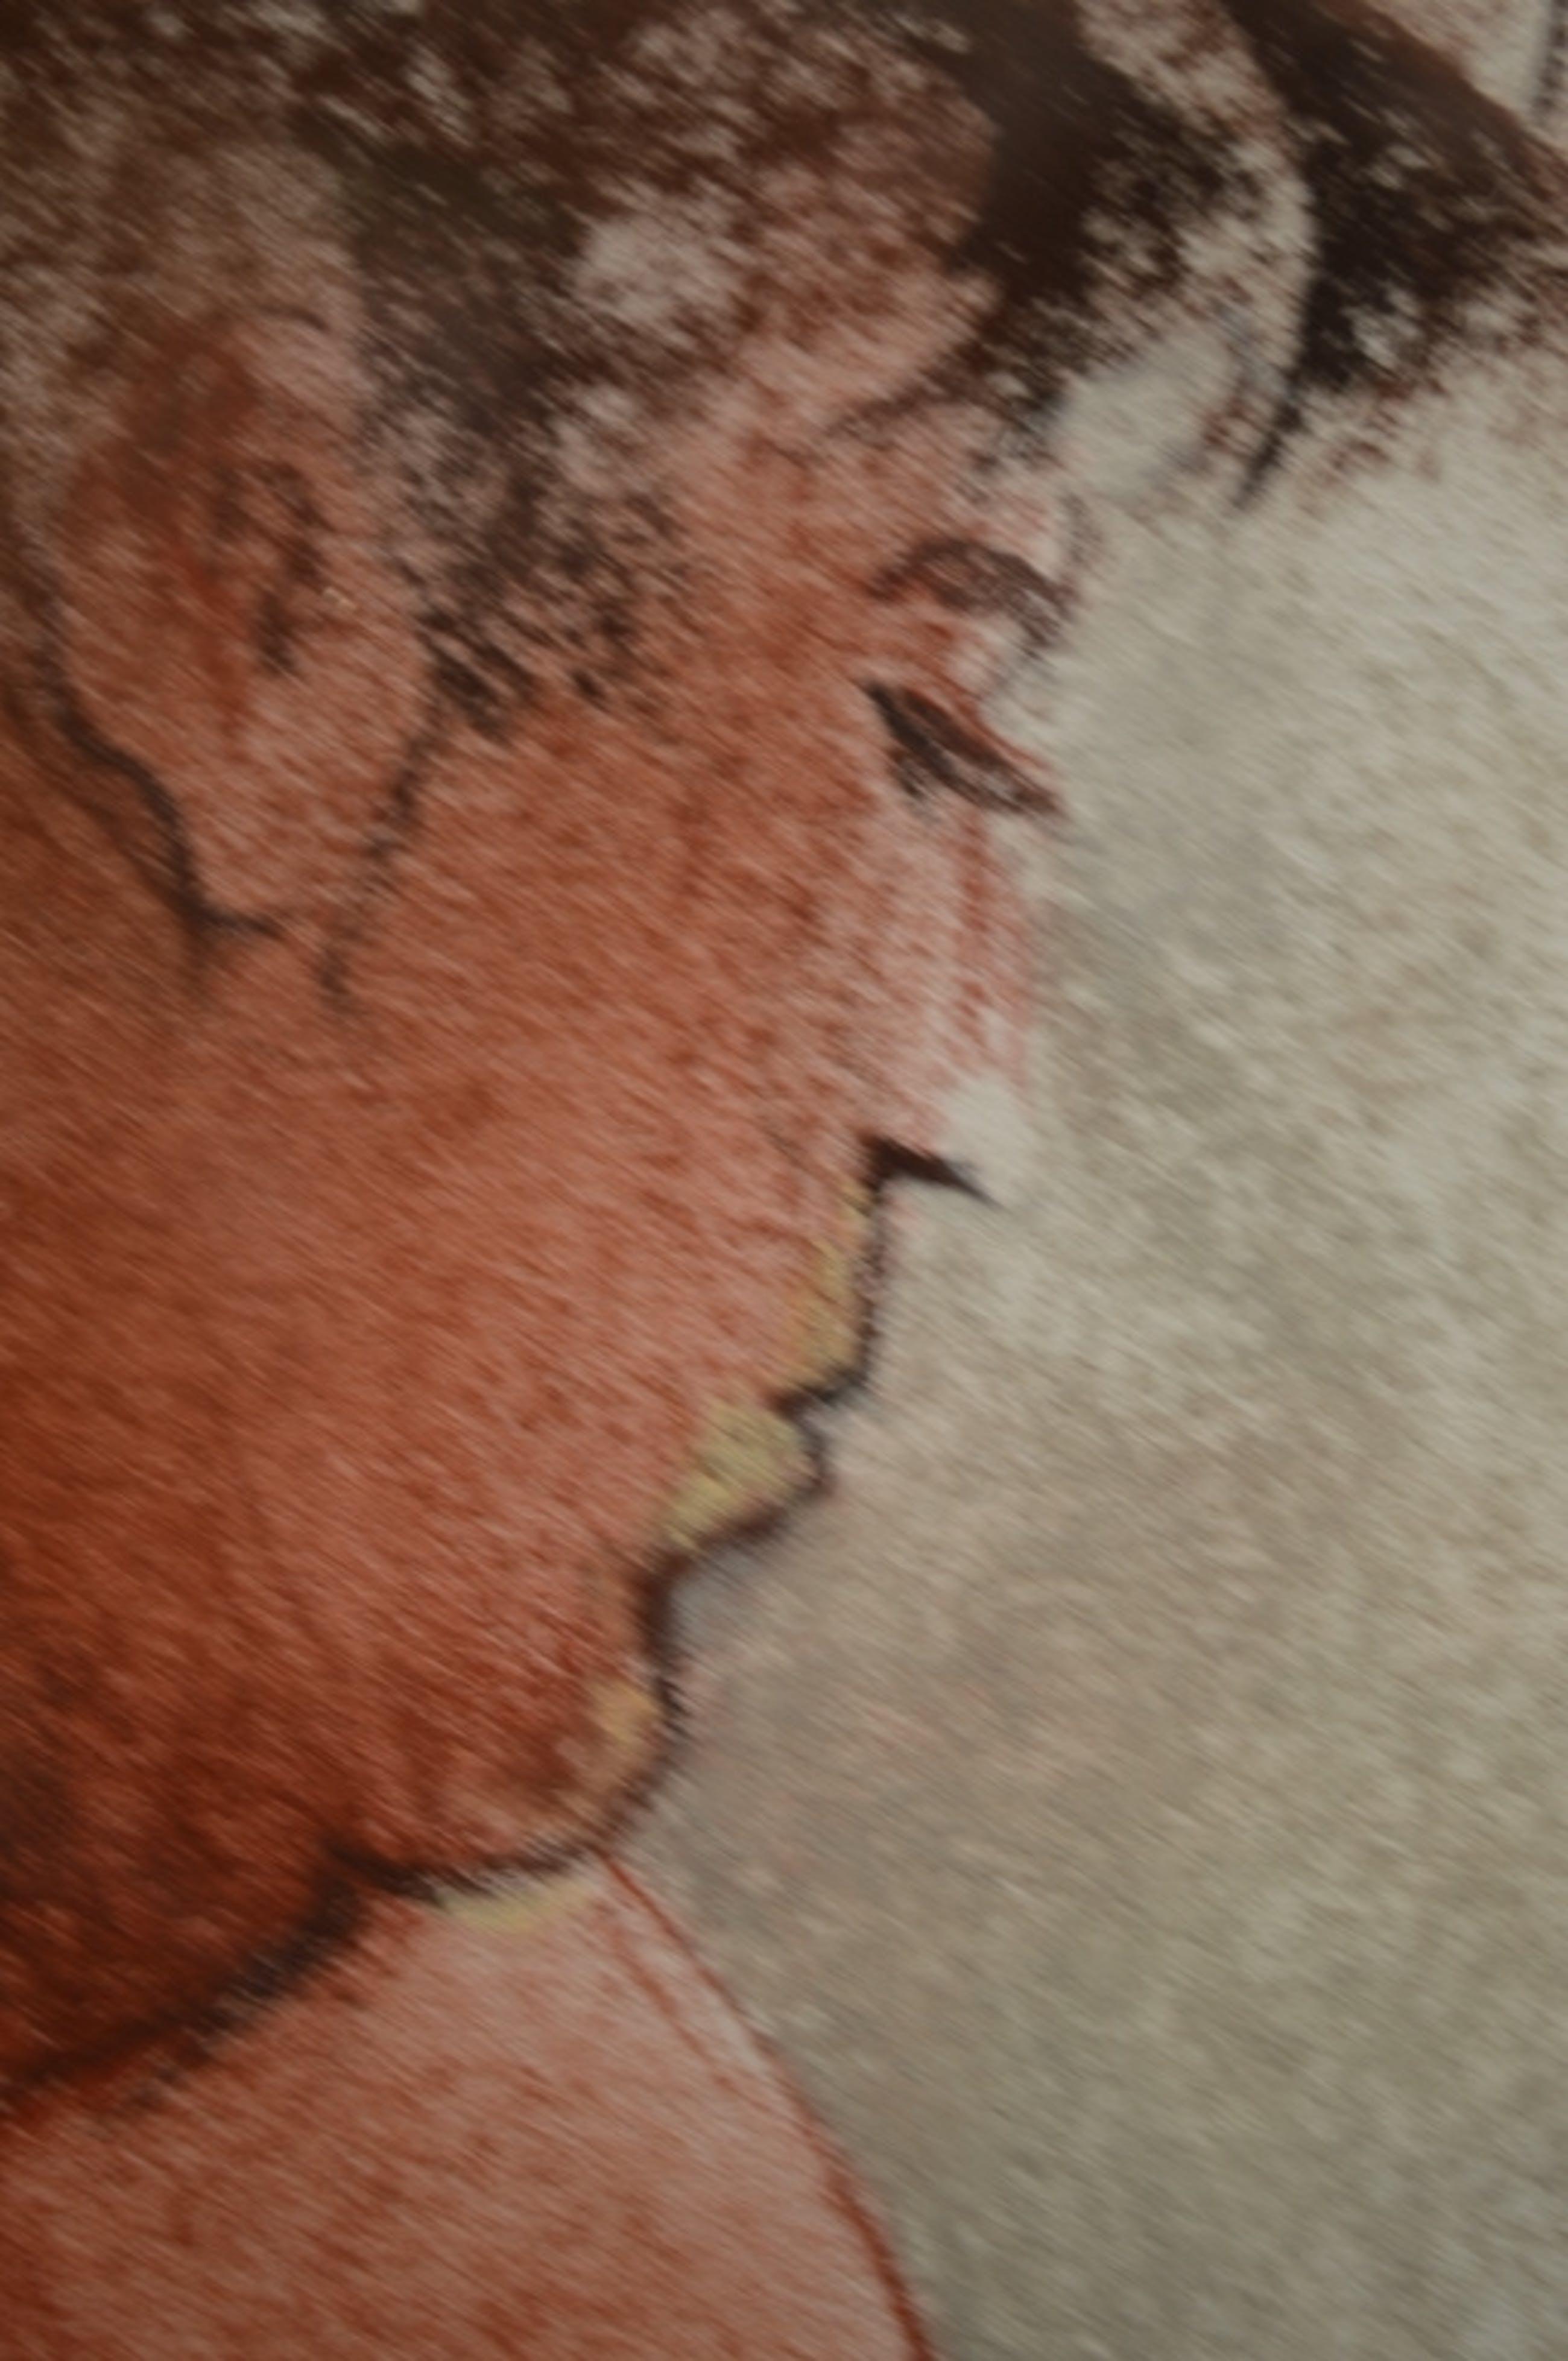 Emile de Vries (1923-2009) zittend naakt, pastel gesigneerd l.o. 2003 - 35x49 kopen? Bied vanaf 75!